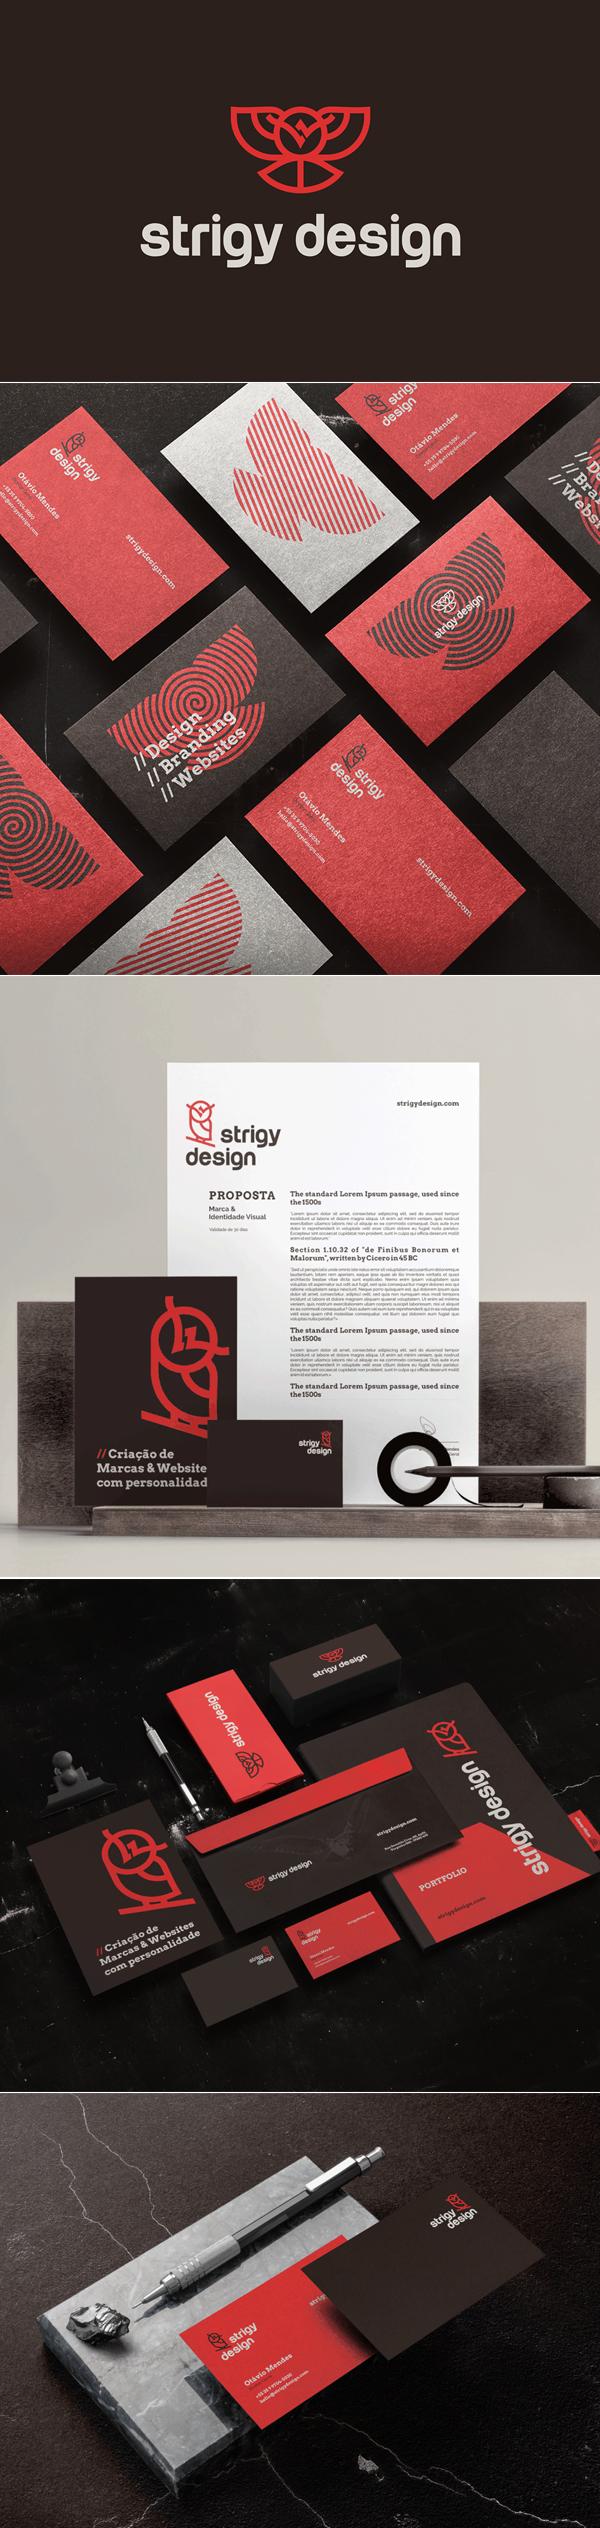 Logo - Strigy Design Branding Identity by Strigy Design